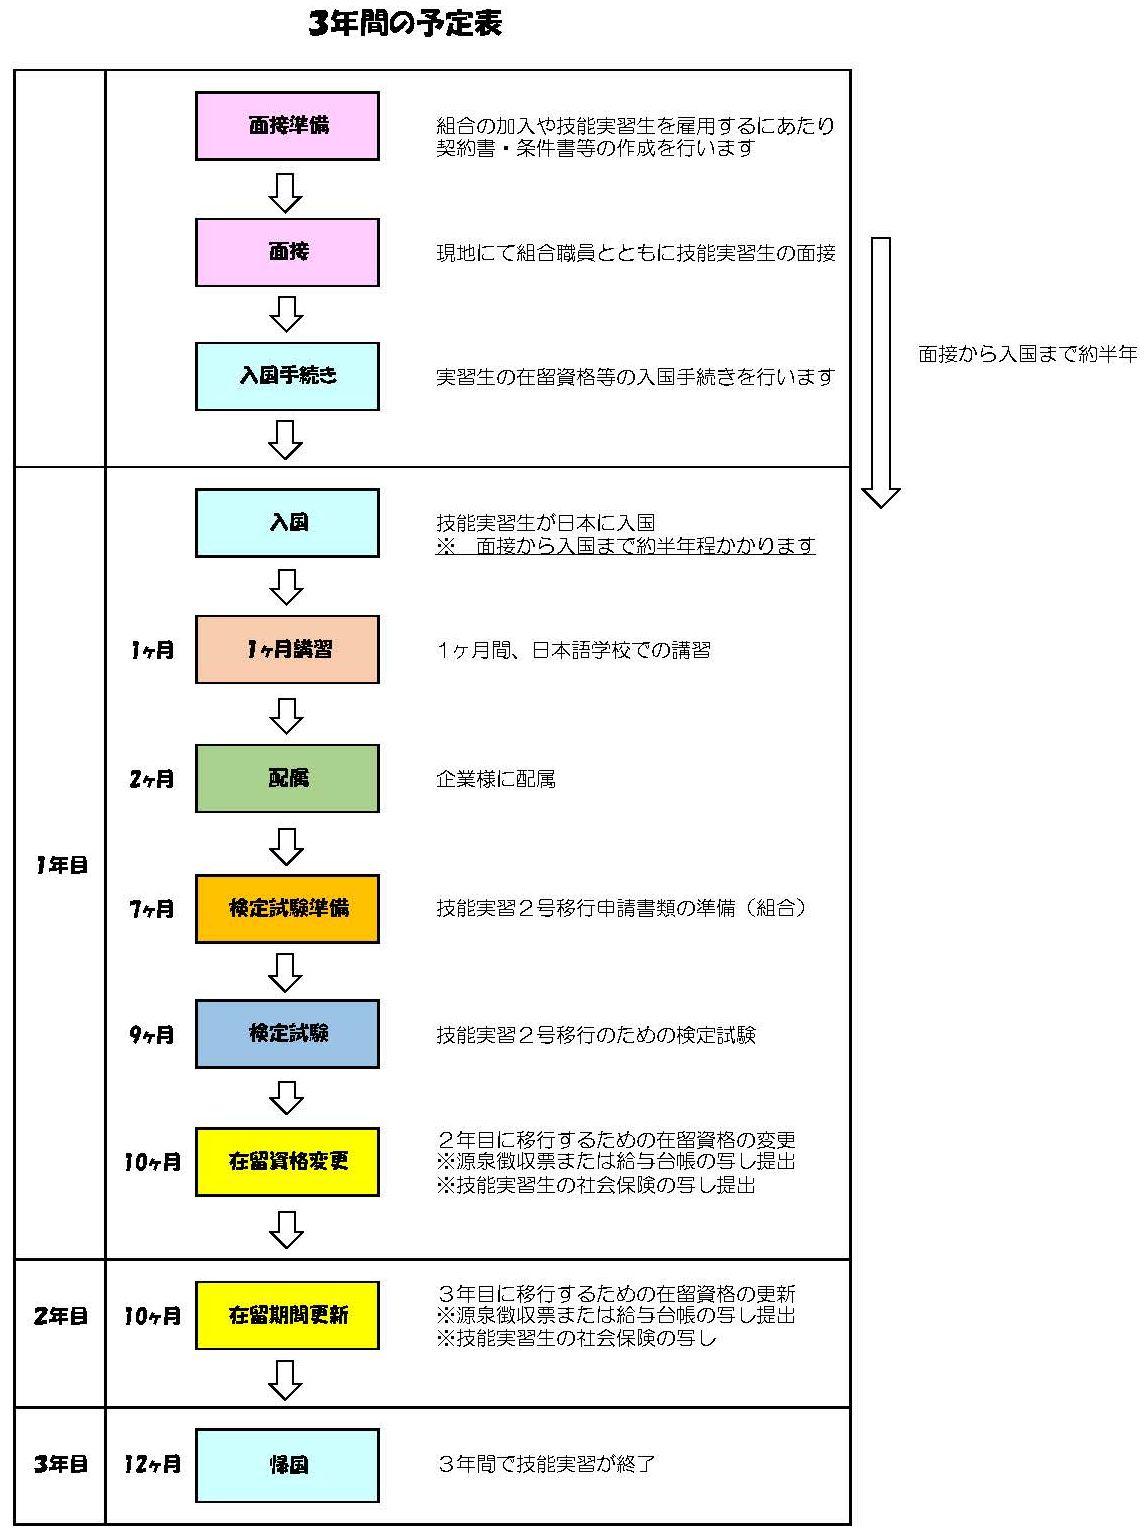 実習開始から帰国までの流れの表